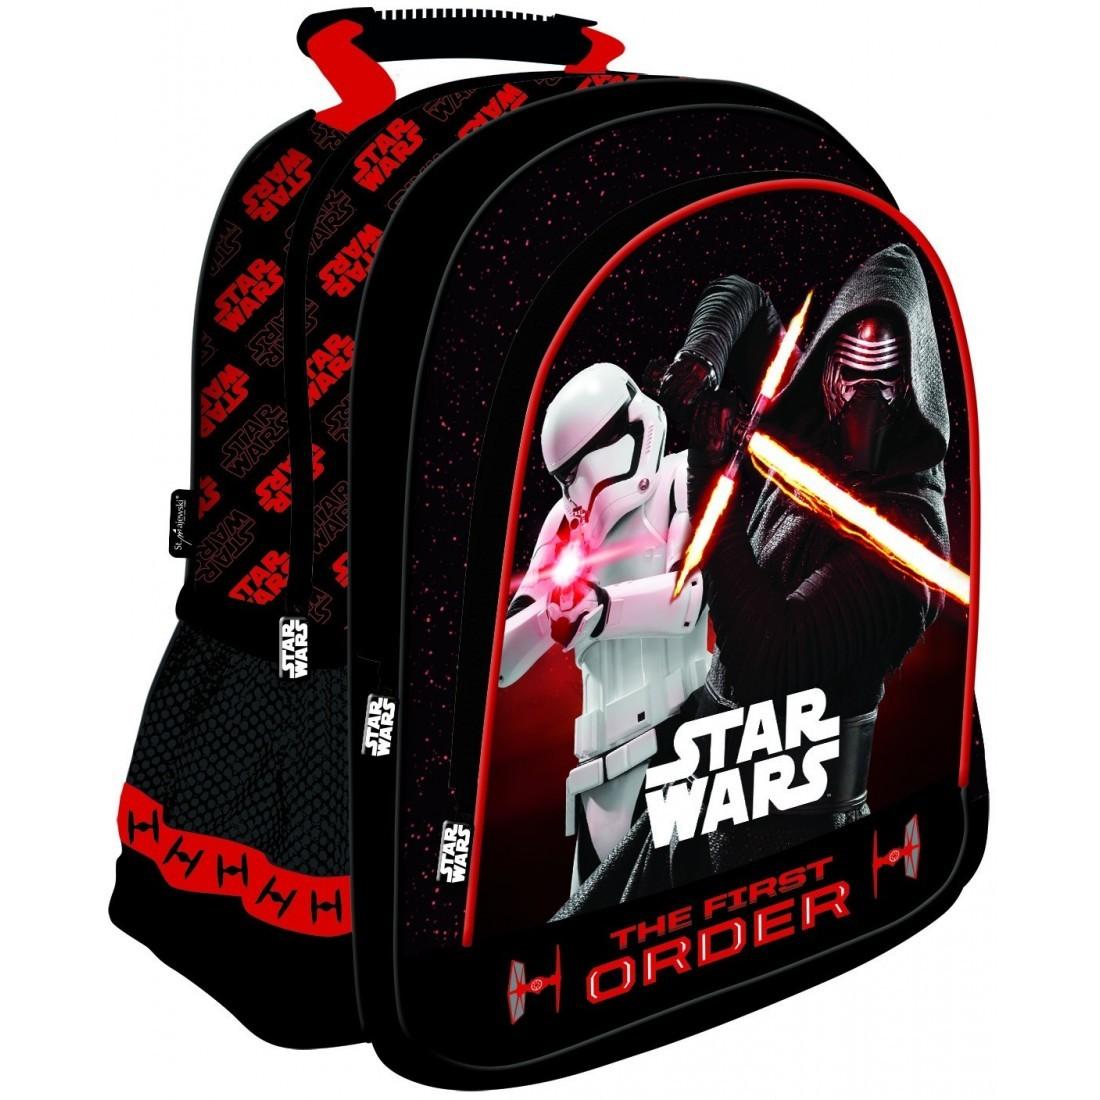 62aaeacae4df3 Plecak szkolny Star Wars Kylo Ren czarny dla chłopca - plecak ...